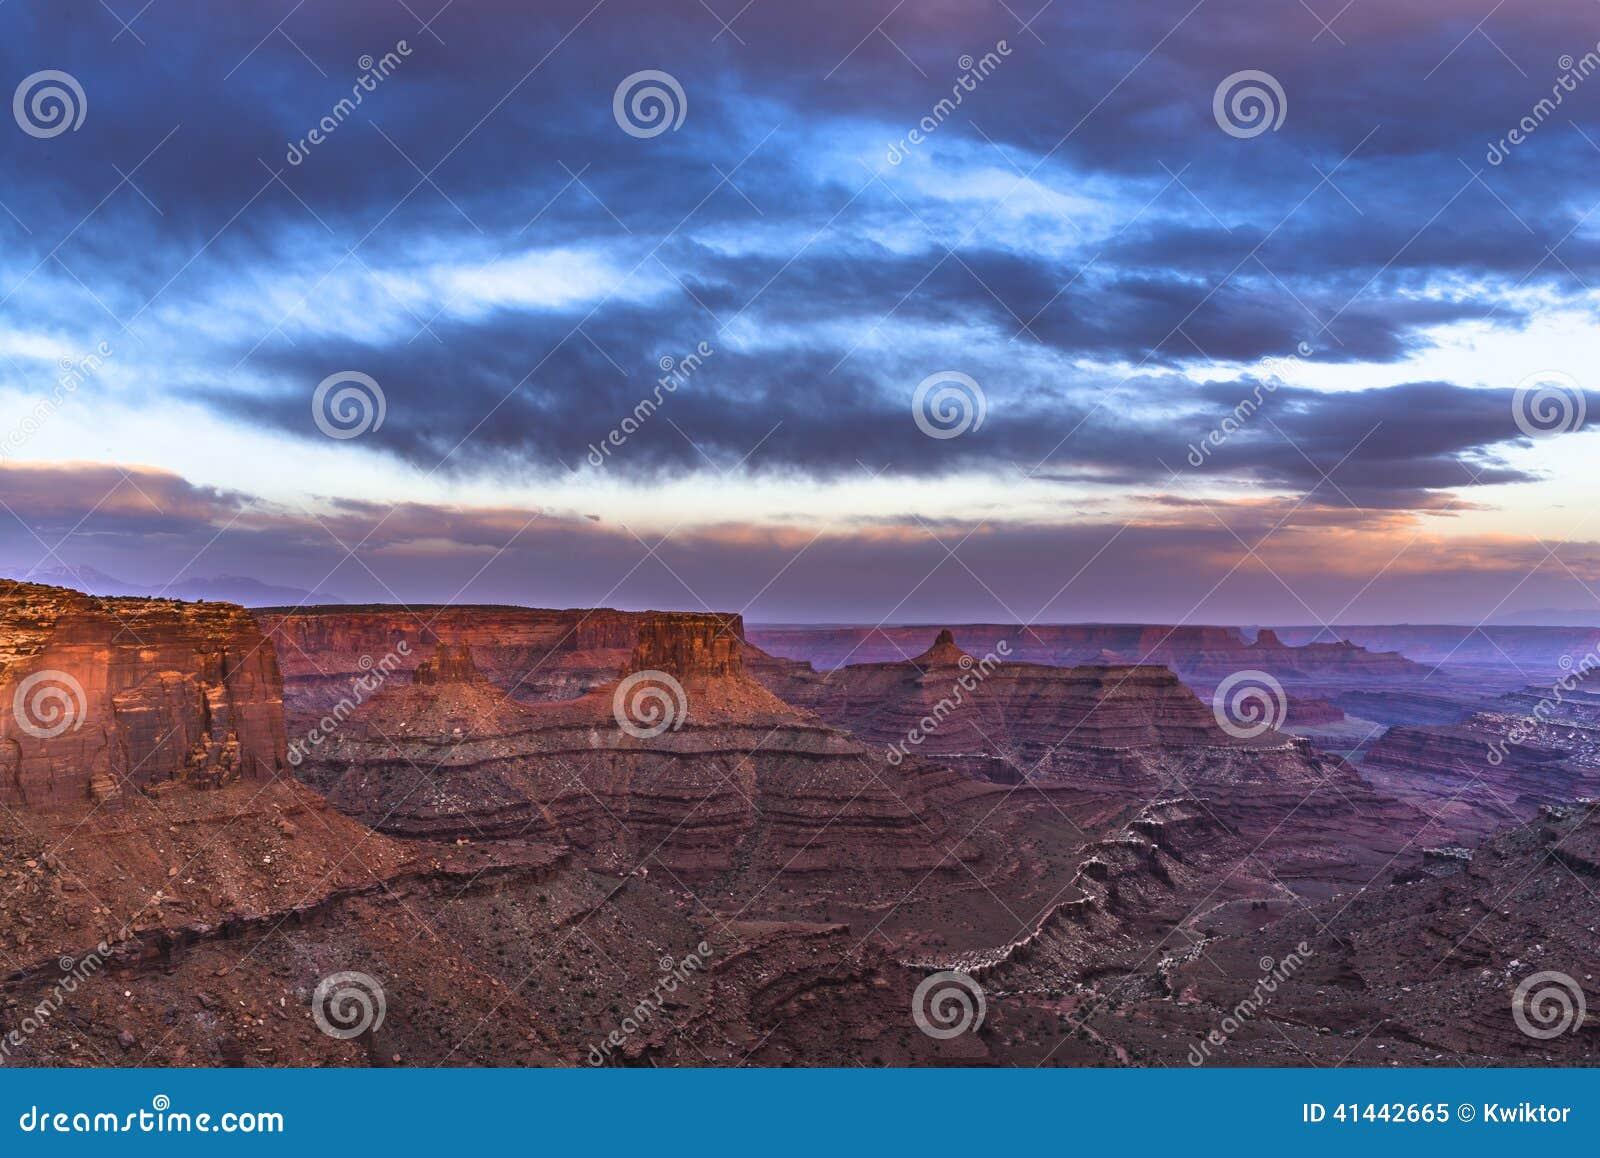 Puesta del sol hermosa cerca del punto Canyonlands Utah de Marlboro